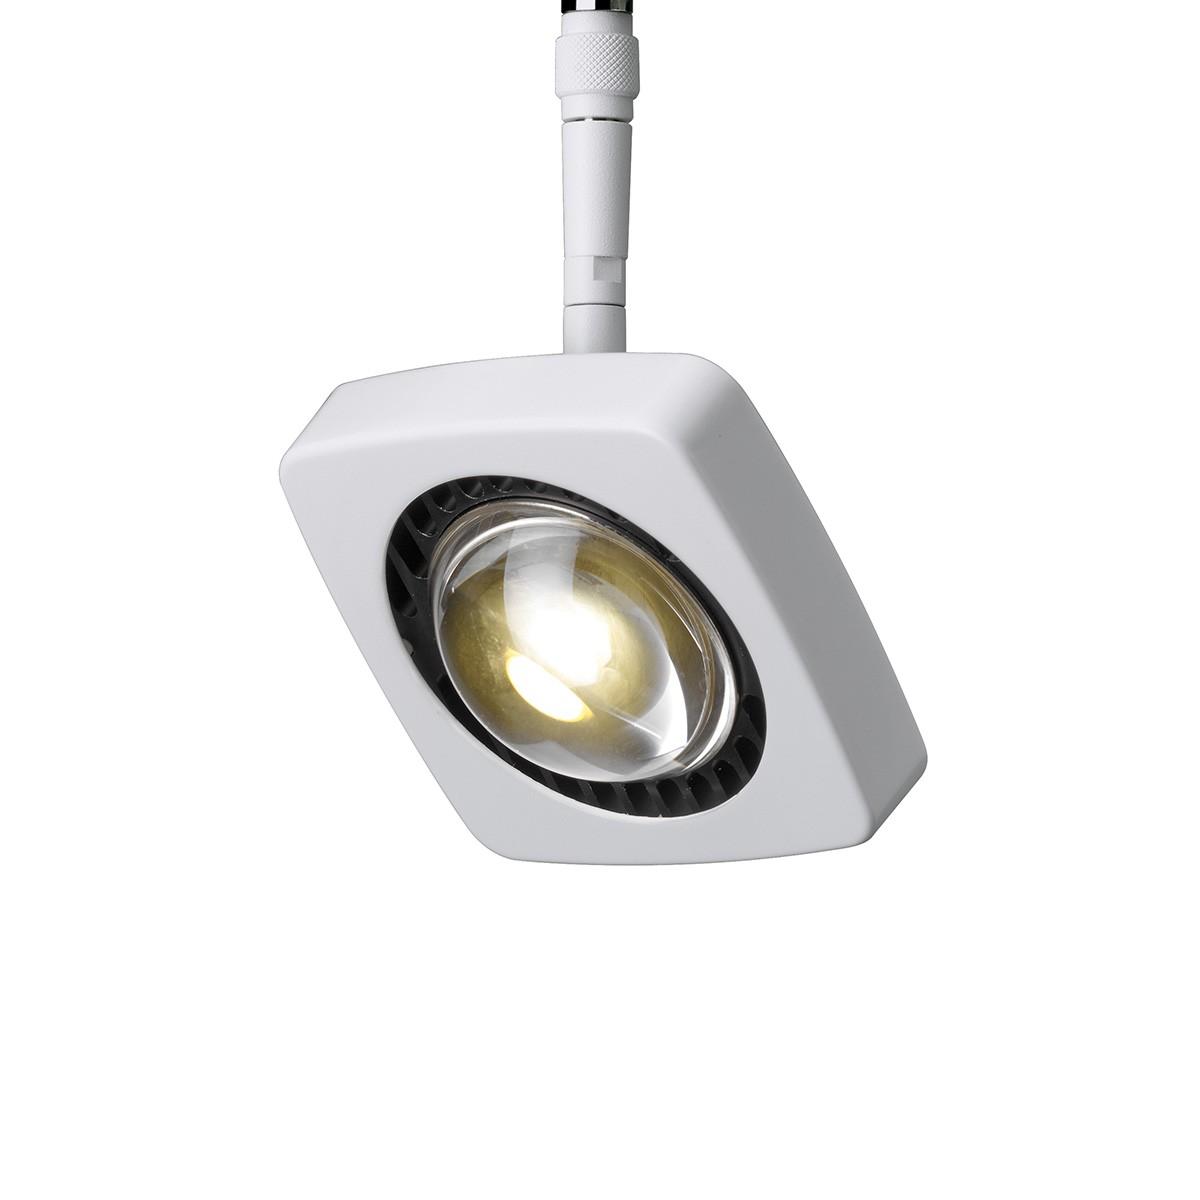 Oligo PHASE Kelveen LED Strahler, 2700 K, Chrom matt